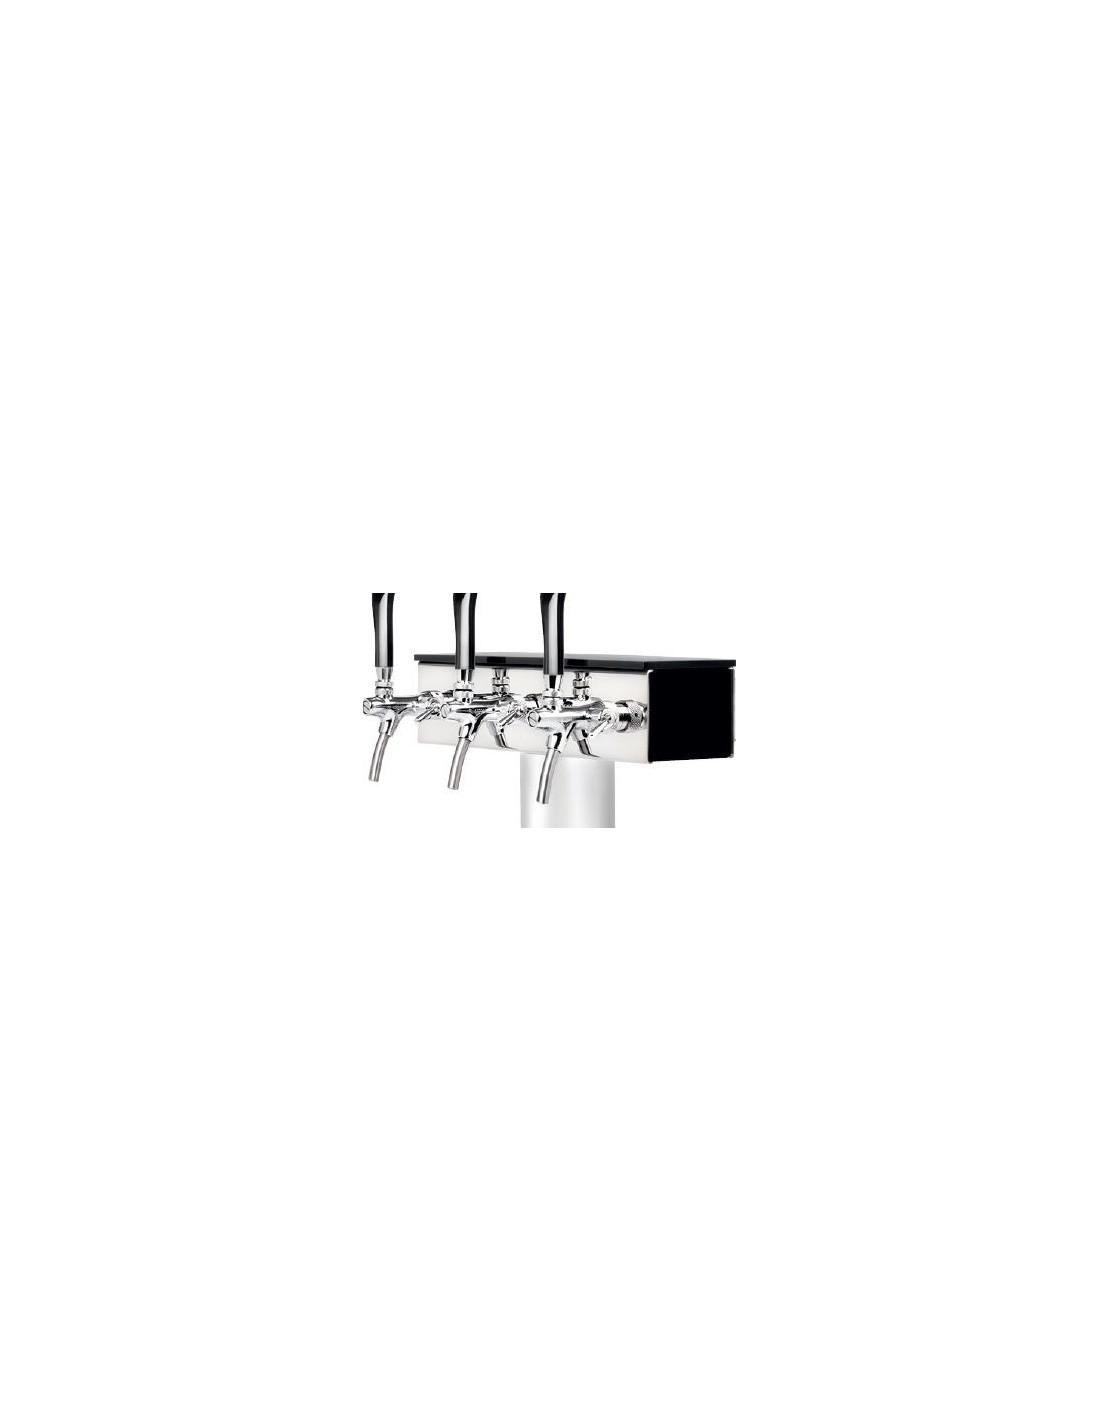 """VYR02298 - Tapptornsdetaljer """"T GRAND x3"""" svart högblank akryl"""